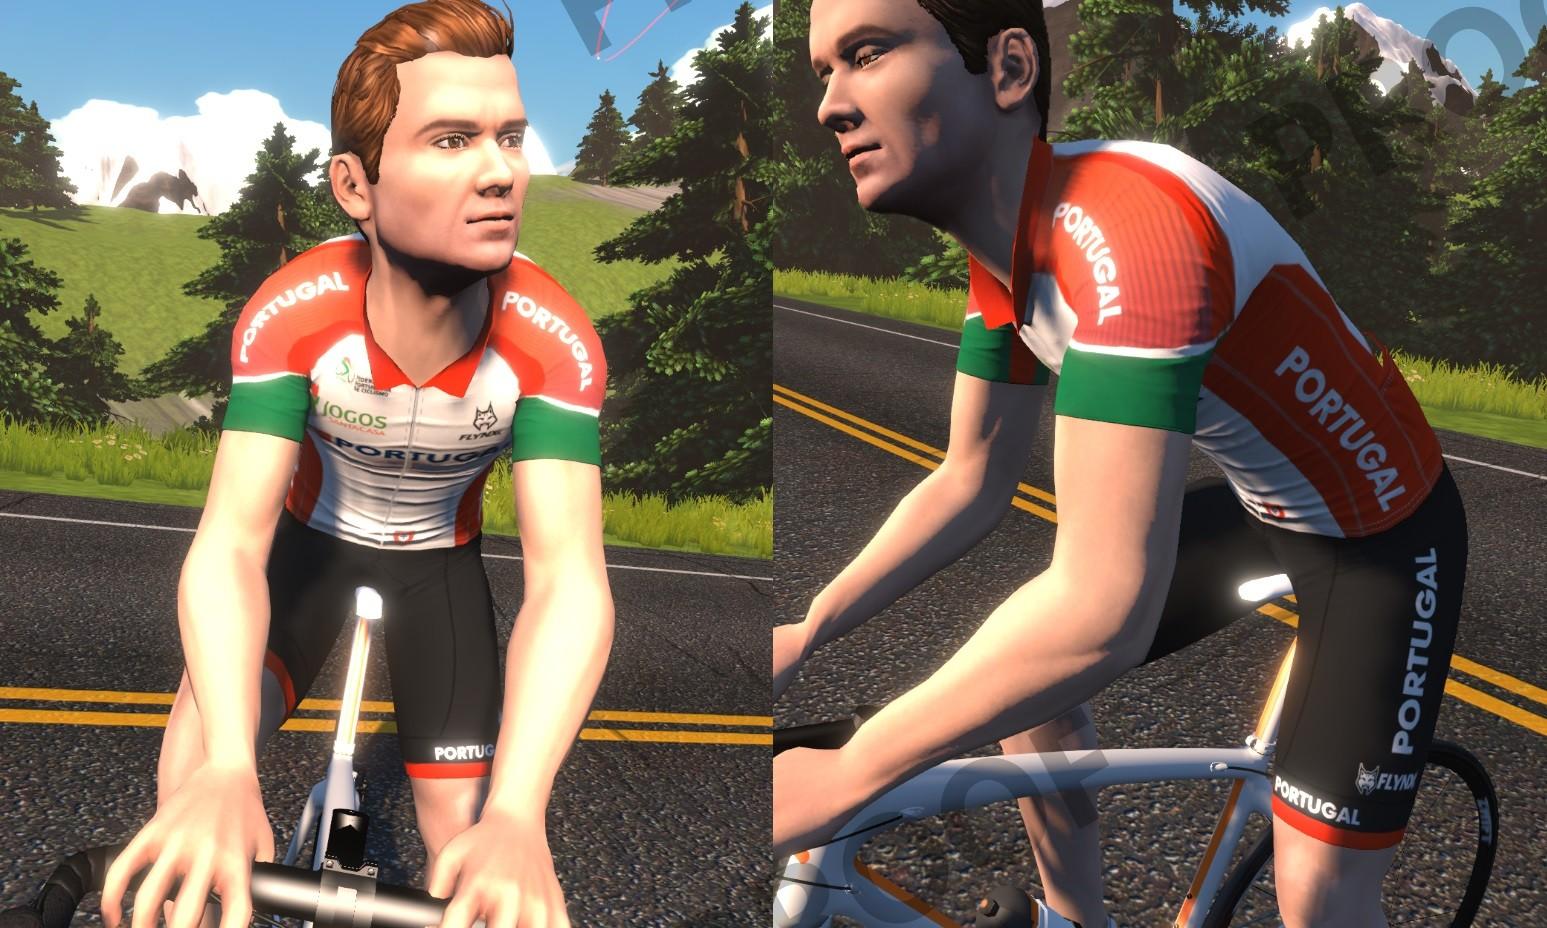 Portugal com três ciclistas na estreia do Mundial de Desporto Eletrónico